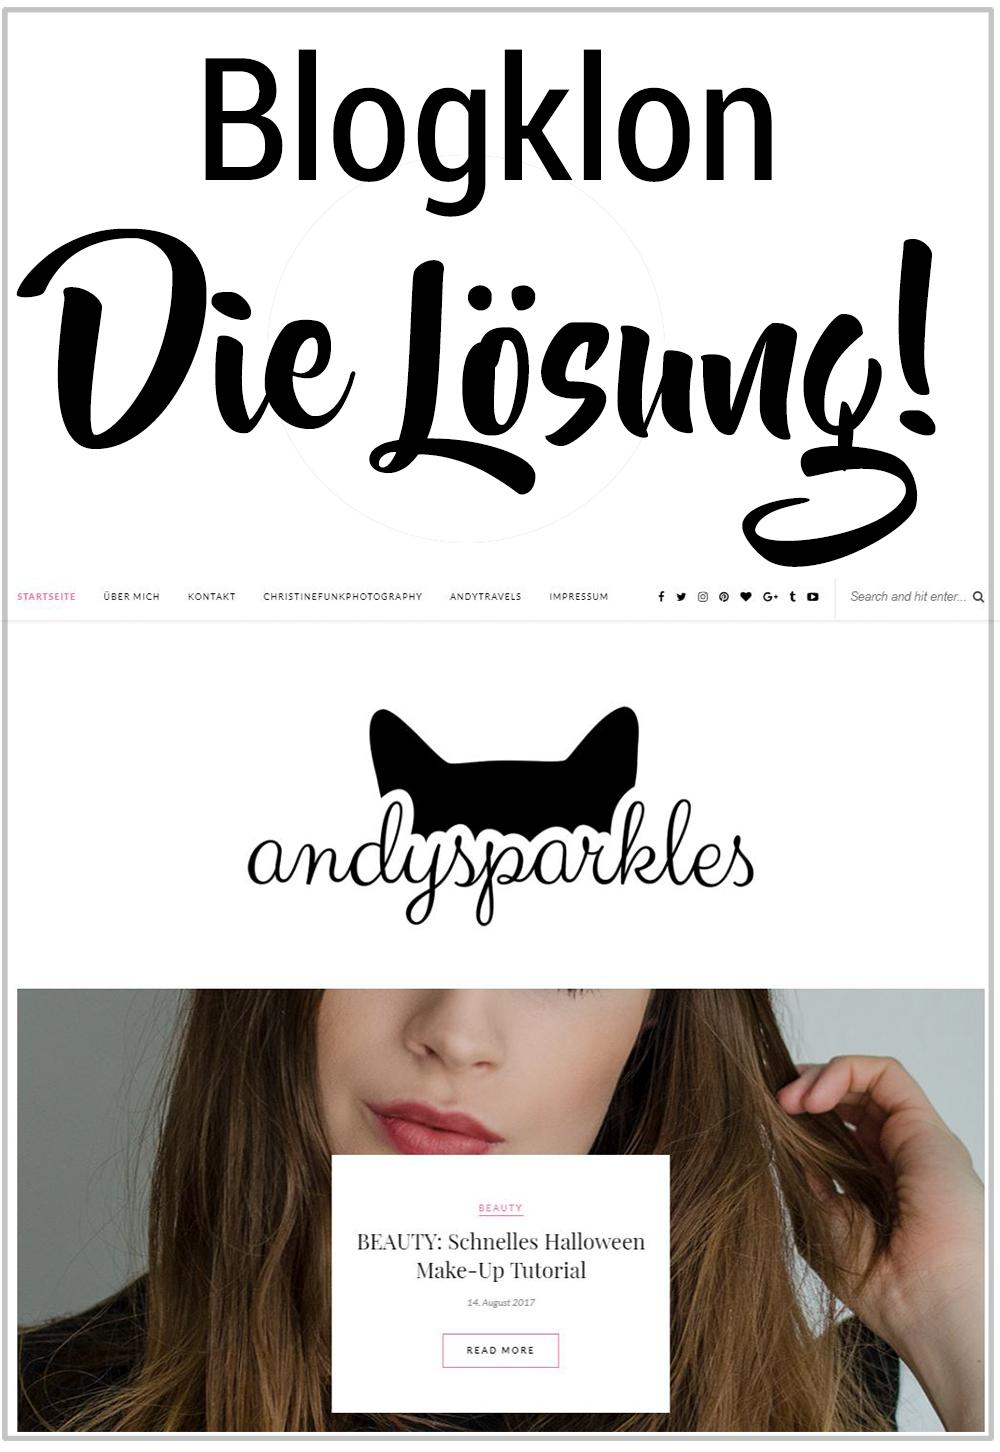 andysparkles-Blog Klon